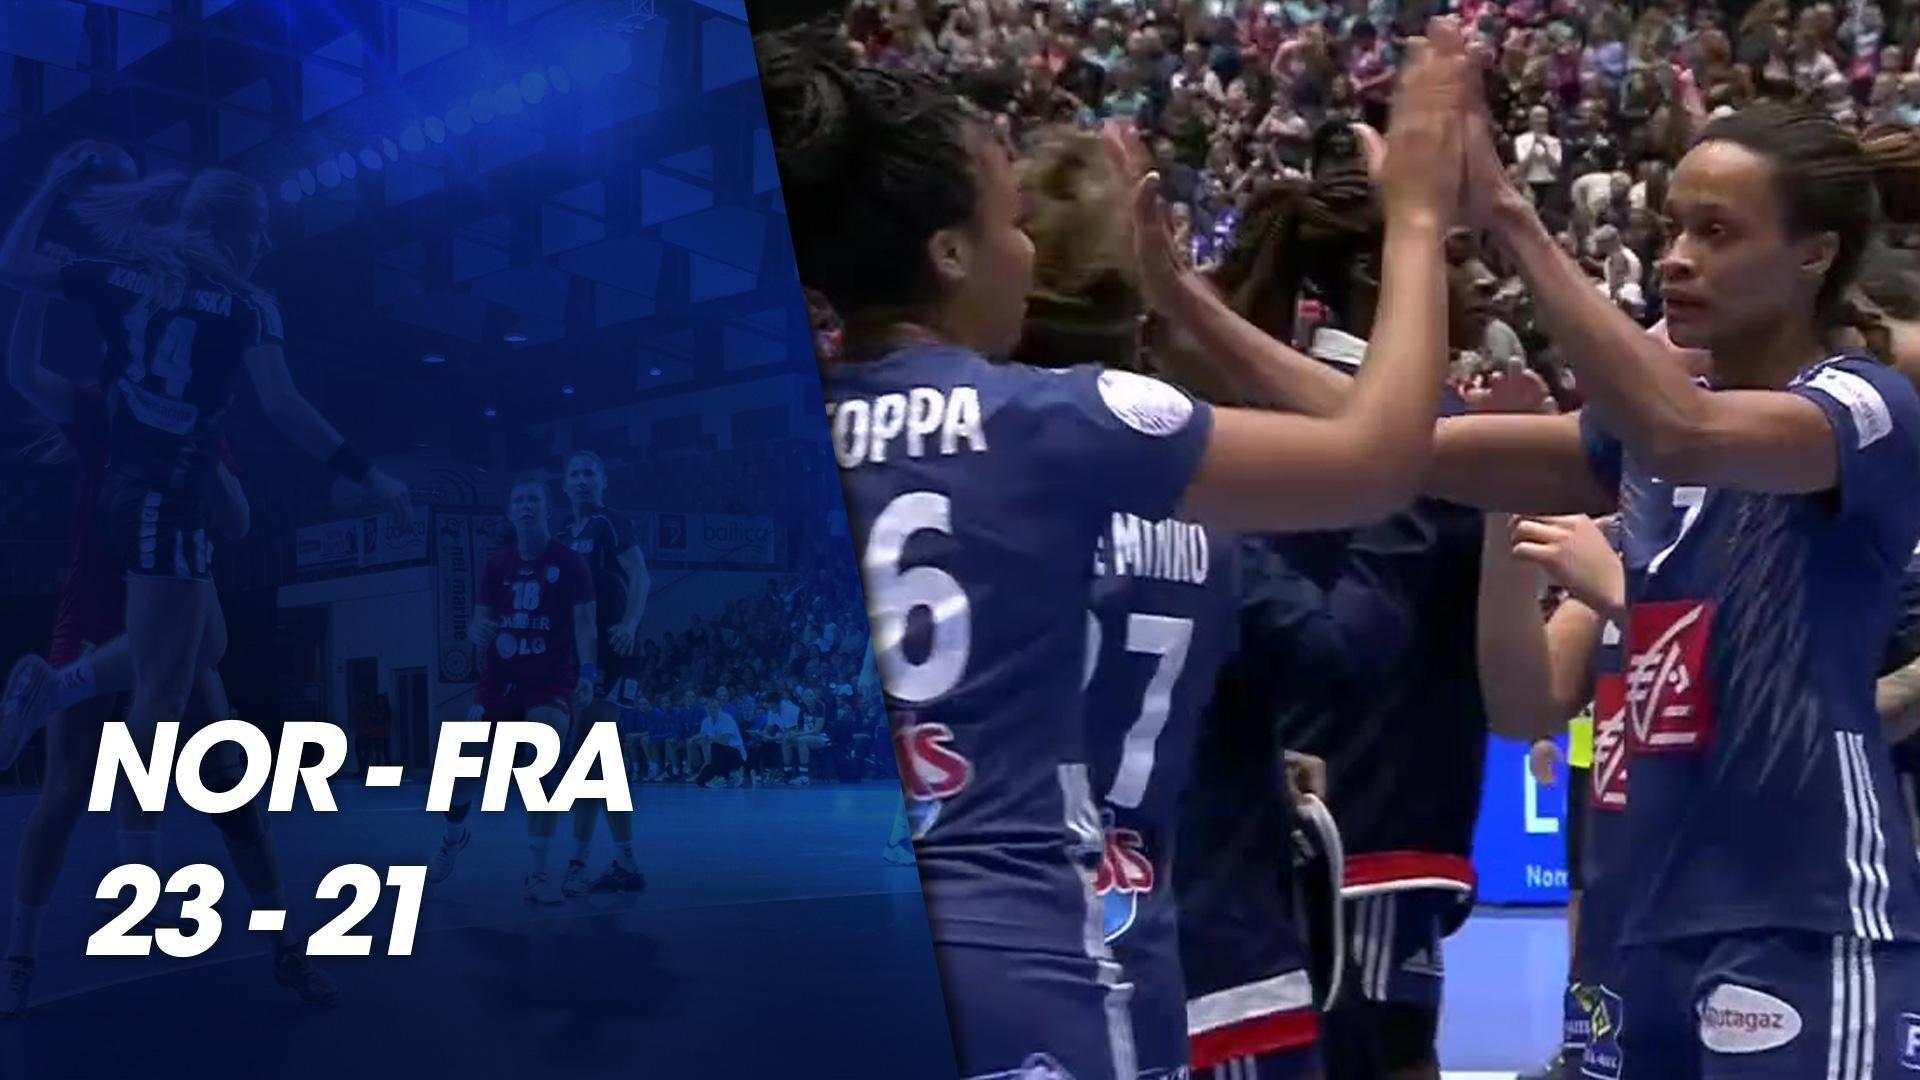 Euro féminin de Handball 2018 - Match préparatoire Euro 2018 - Norvège    France du 25 novembre 2018 - Handball - TF1 e17b621c097